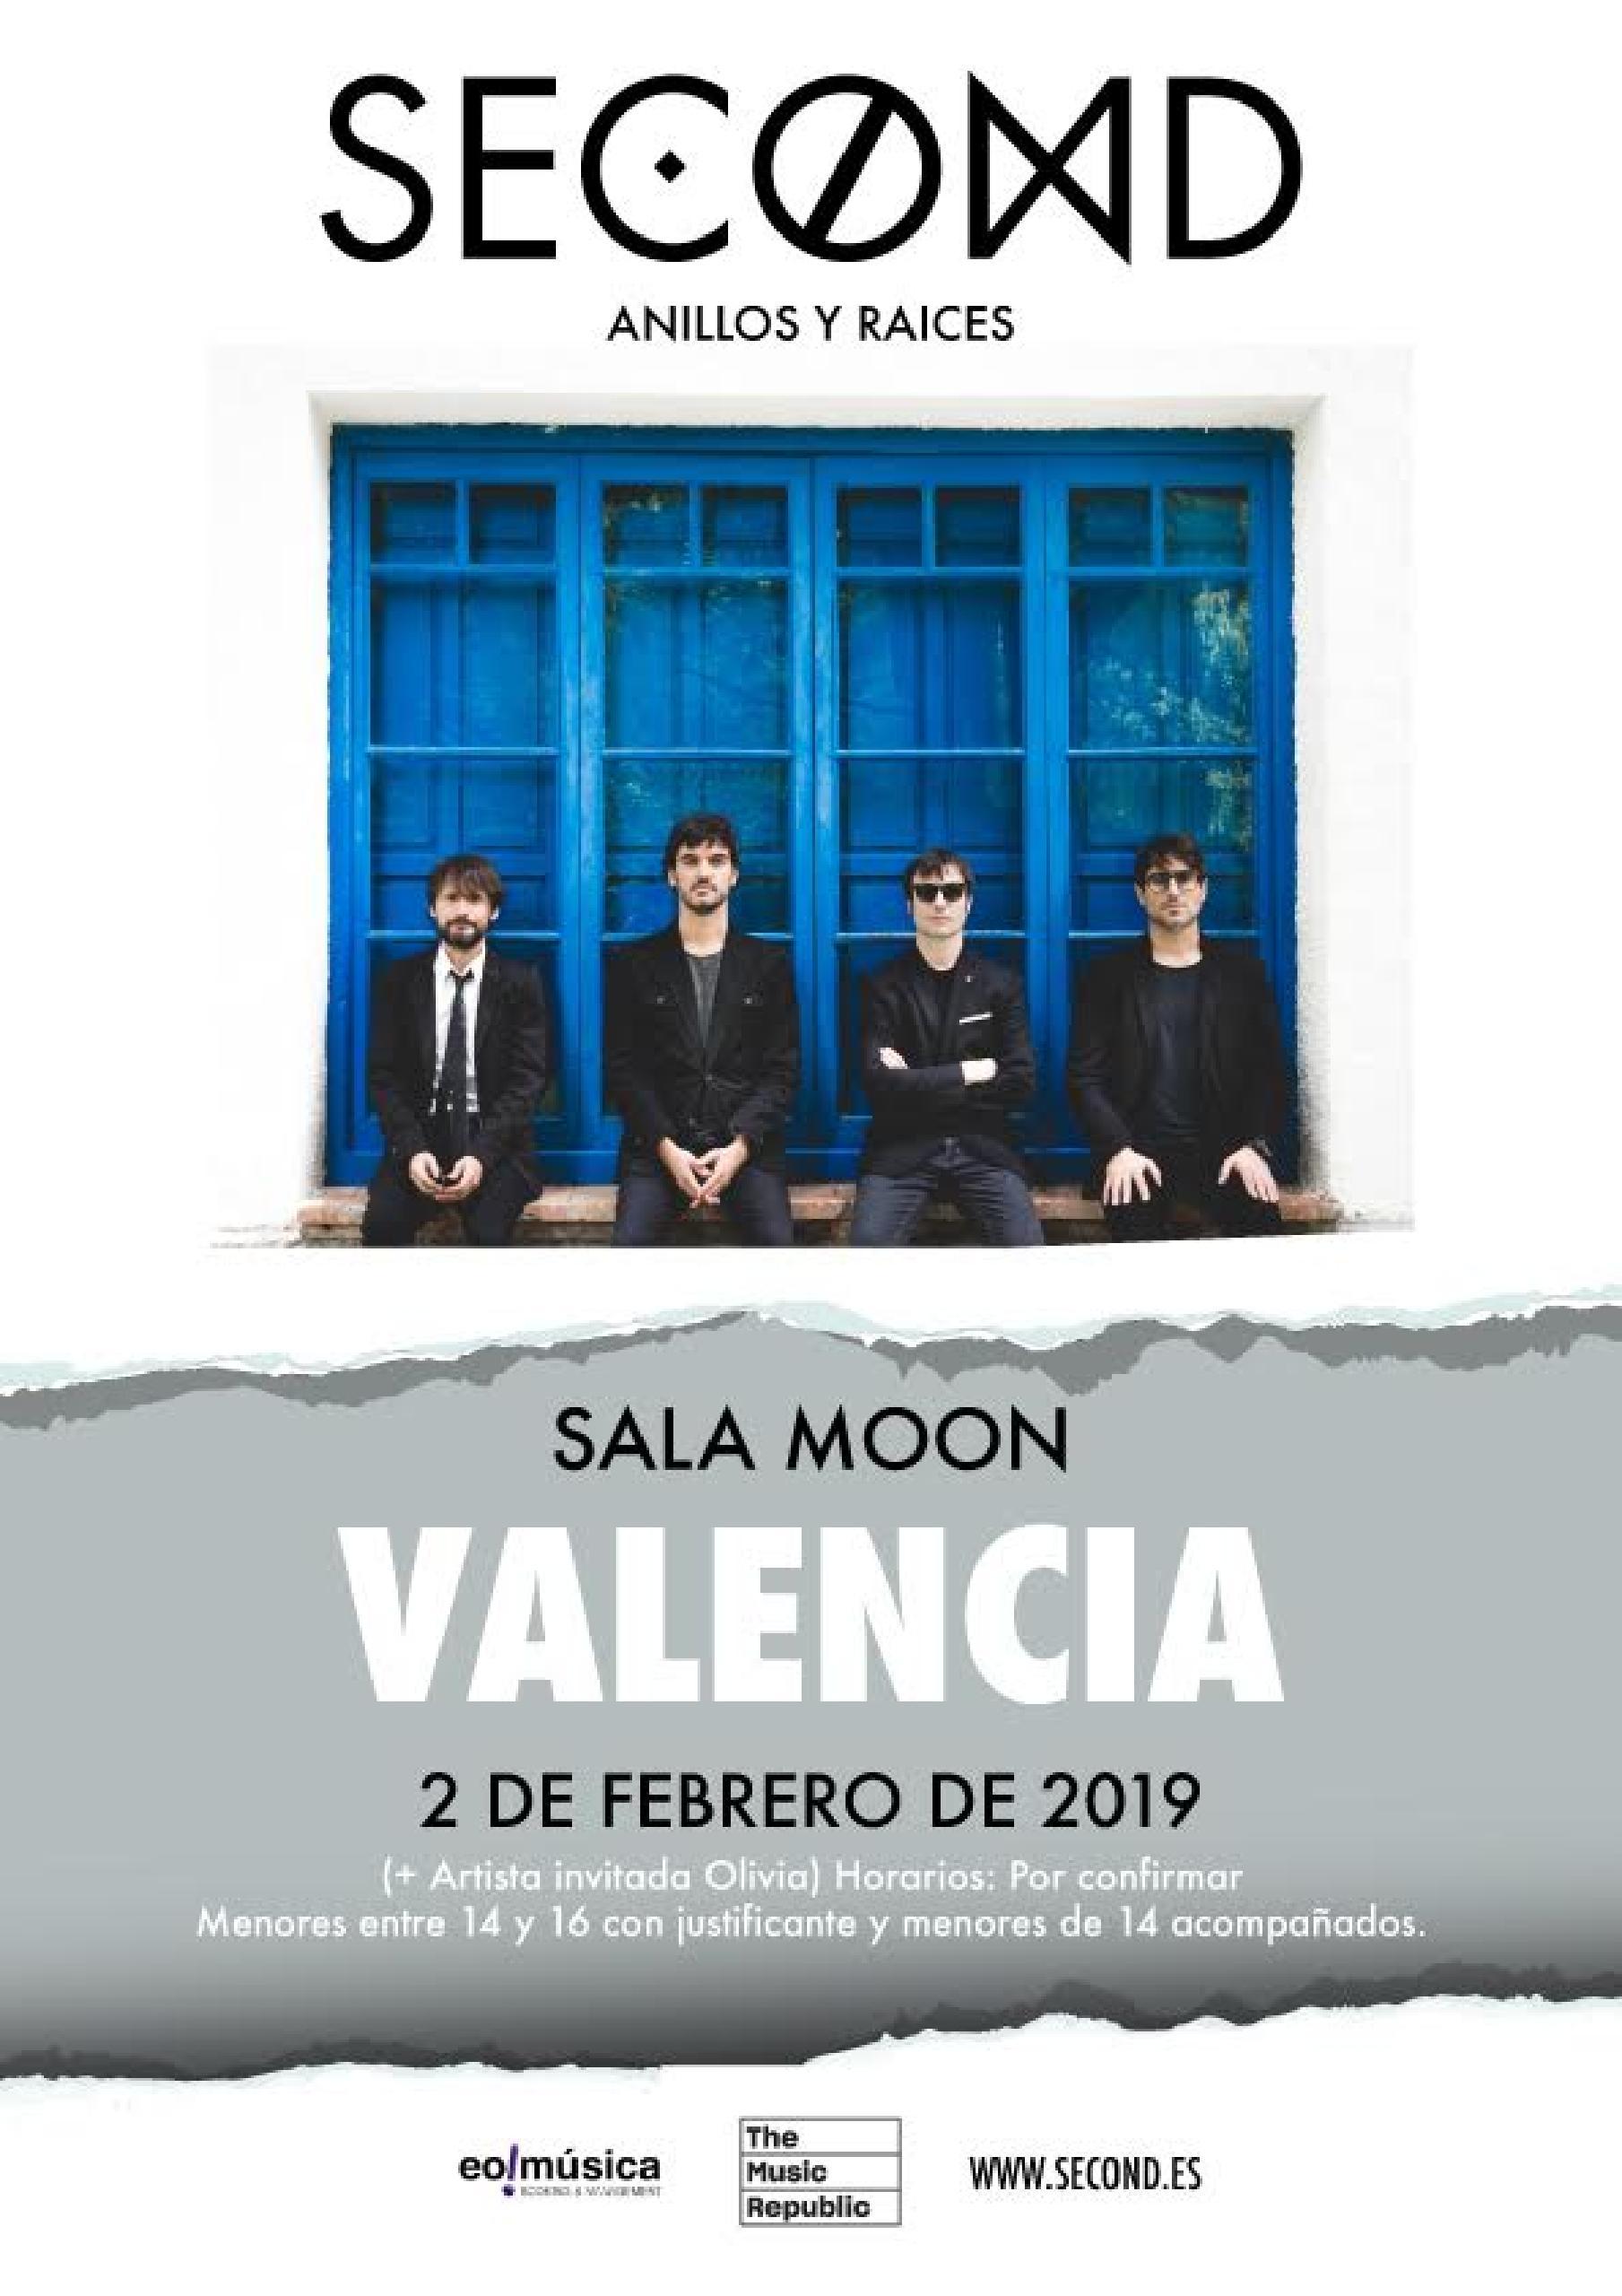 Concierto de Second en Valencia